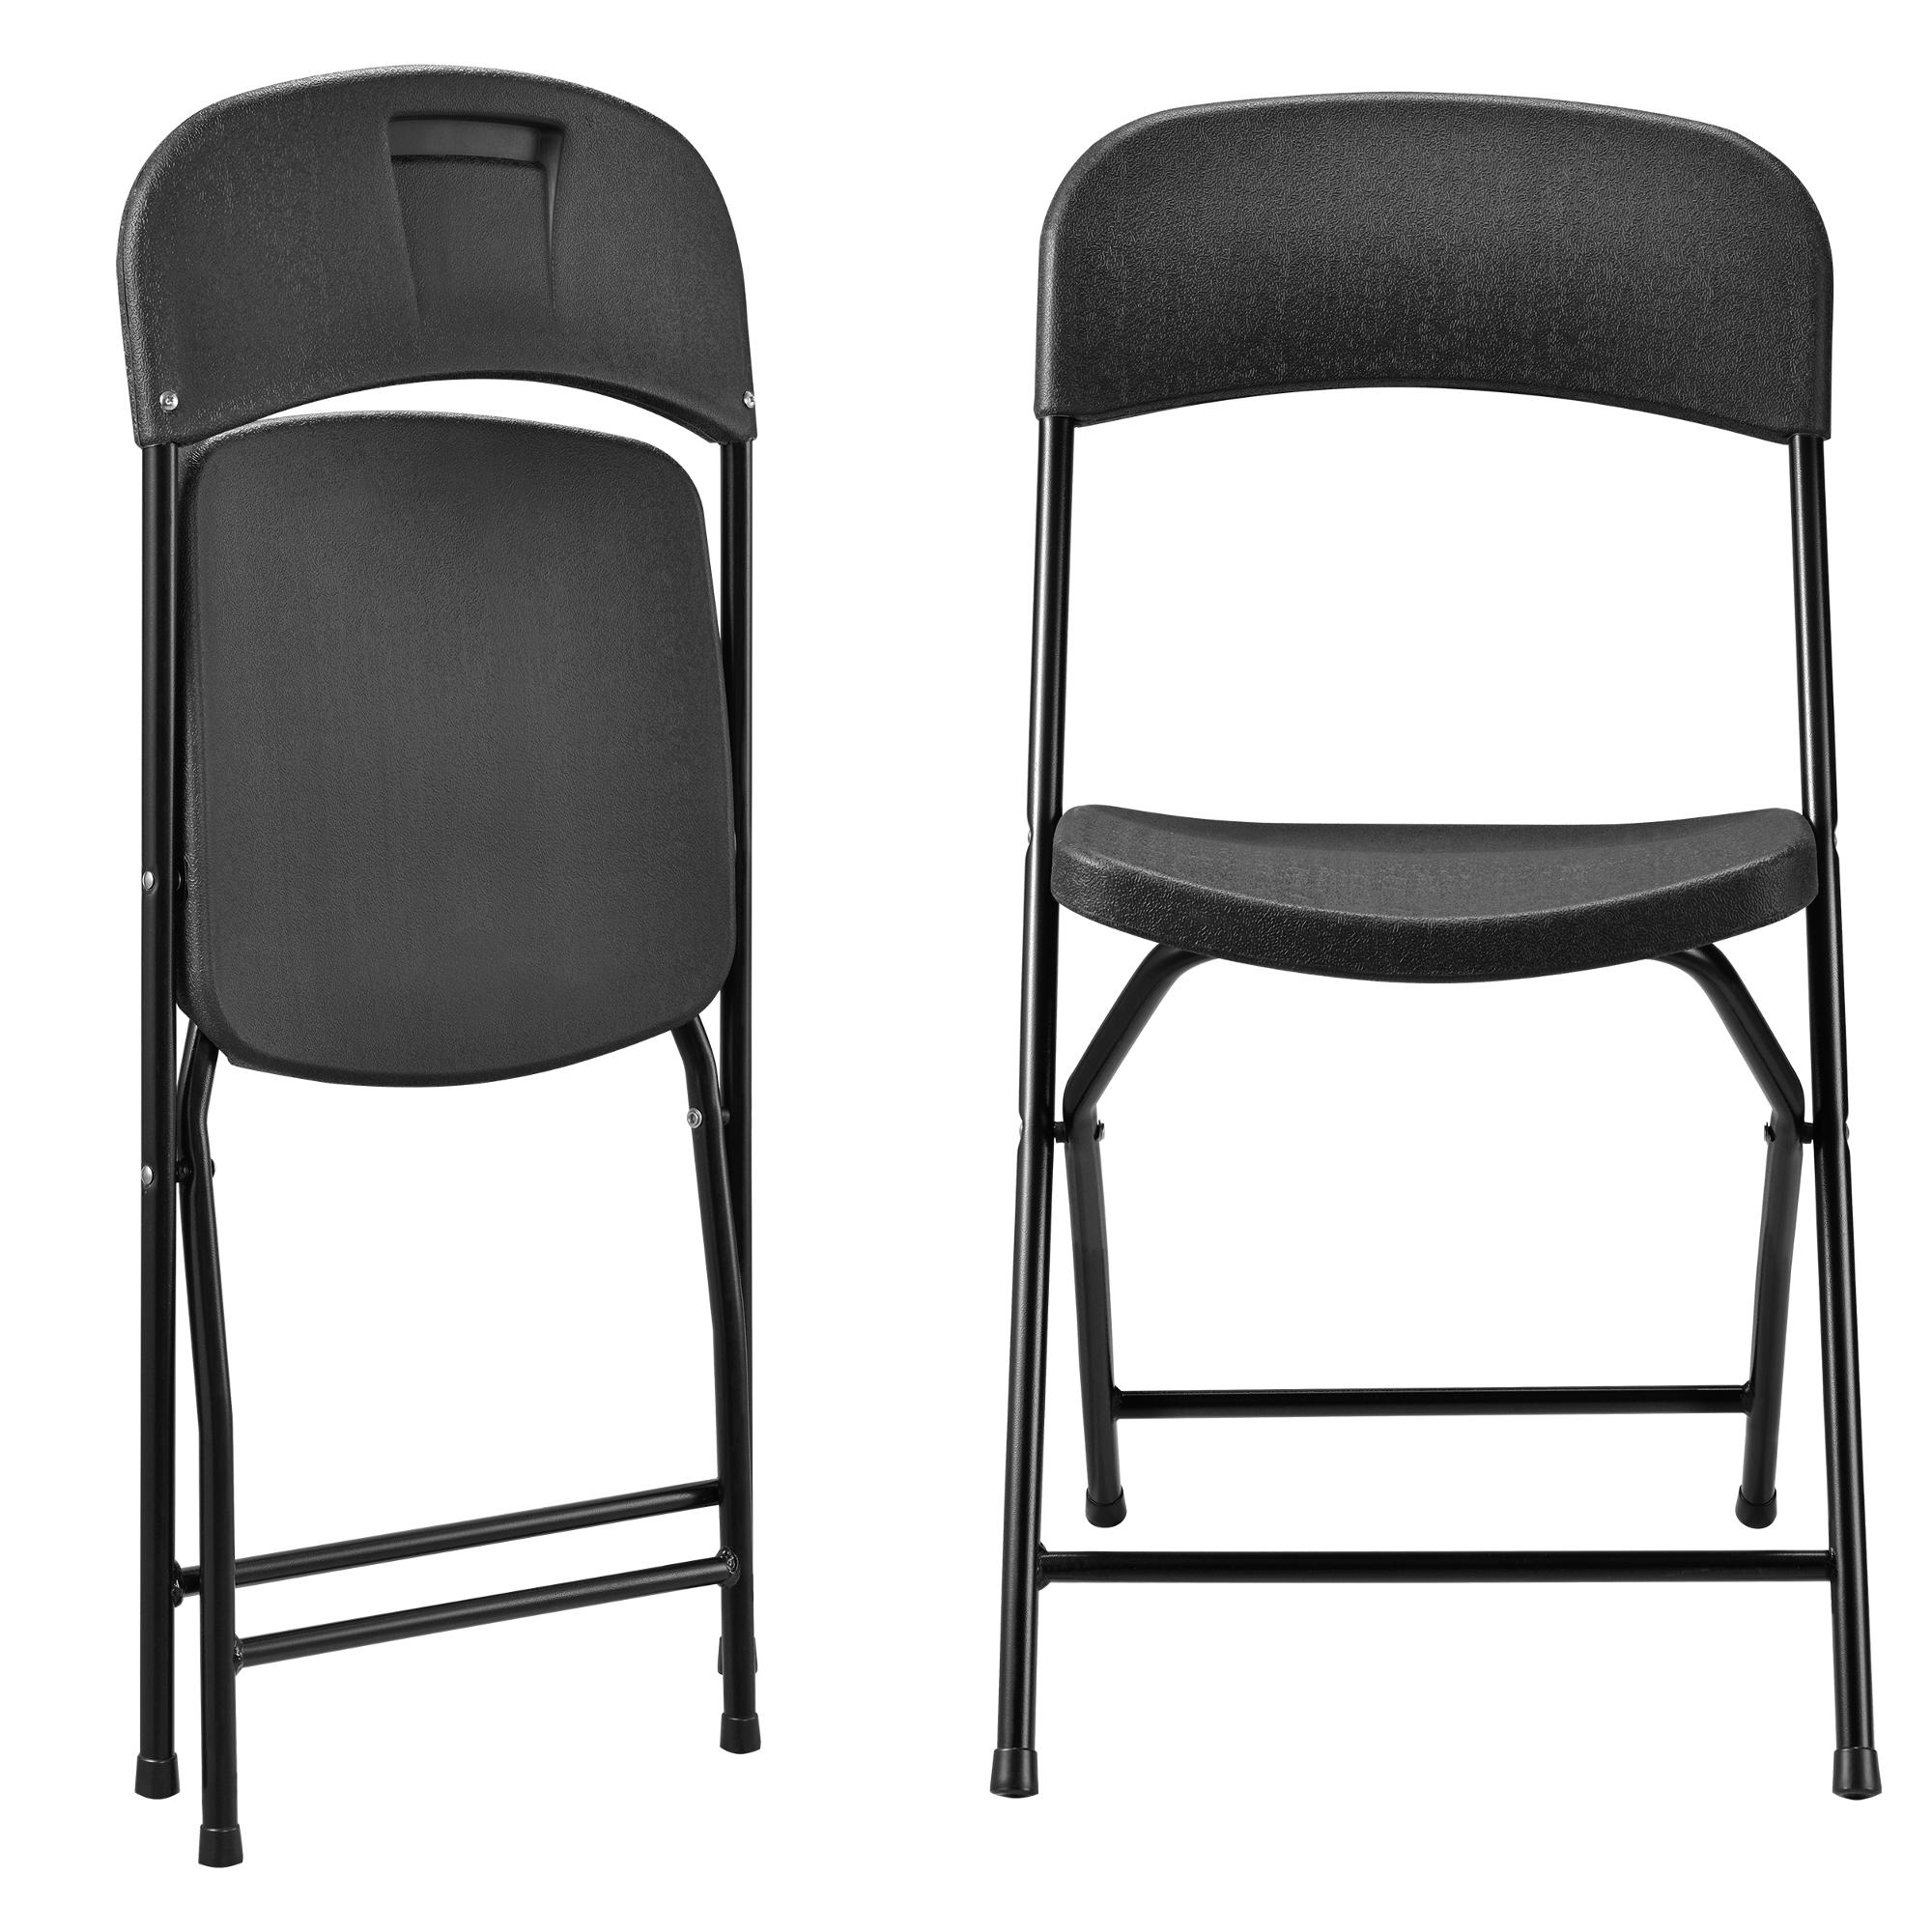 Table de jardin gris 183x76cm avec 4 chaises garniture pliante ebay - Table pliante 4 chaises ...